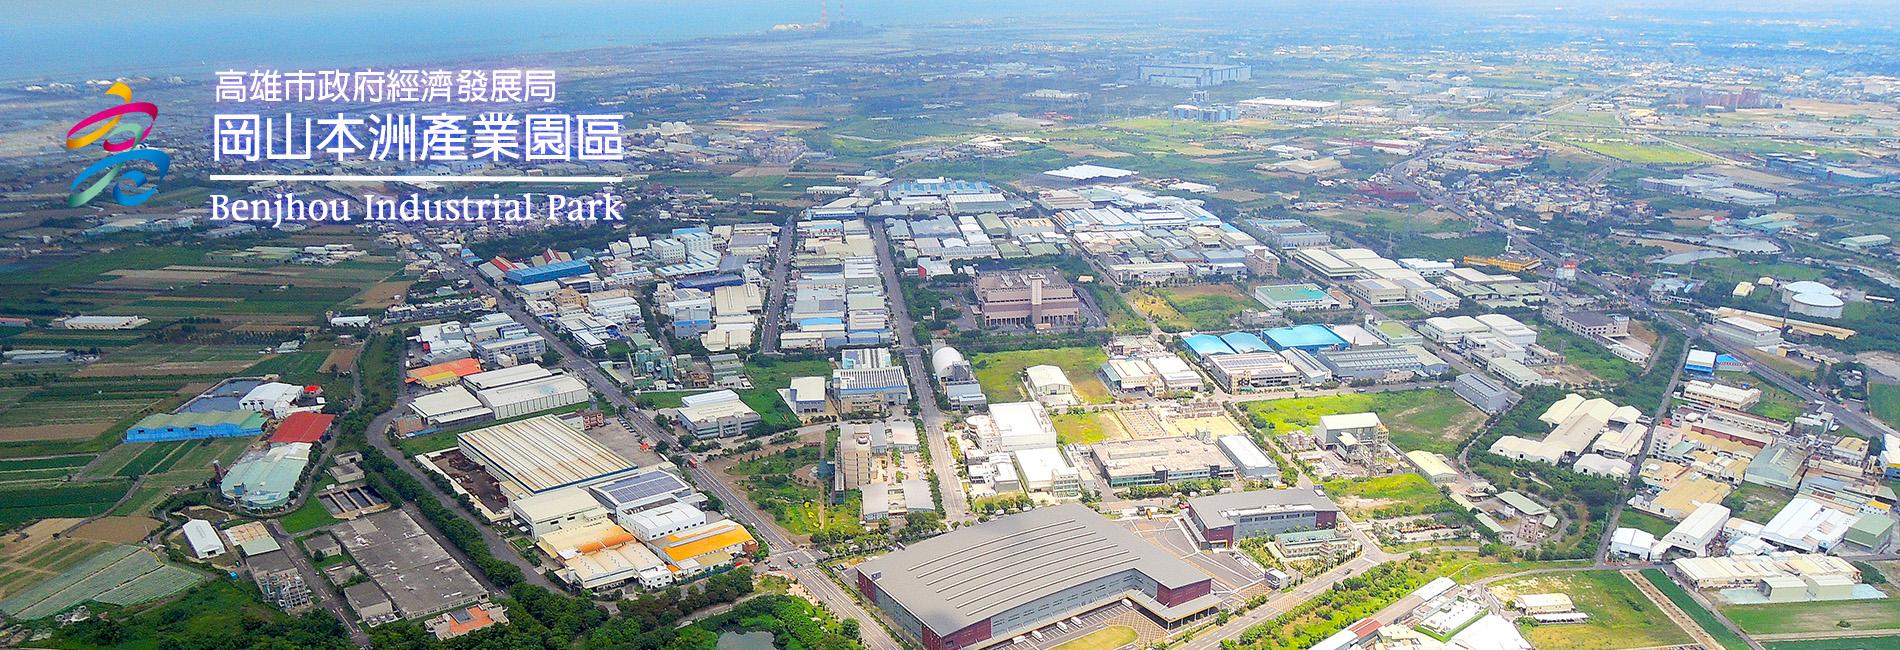 高雄本洲產業園區服務中心